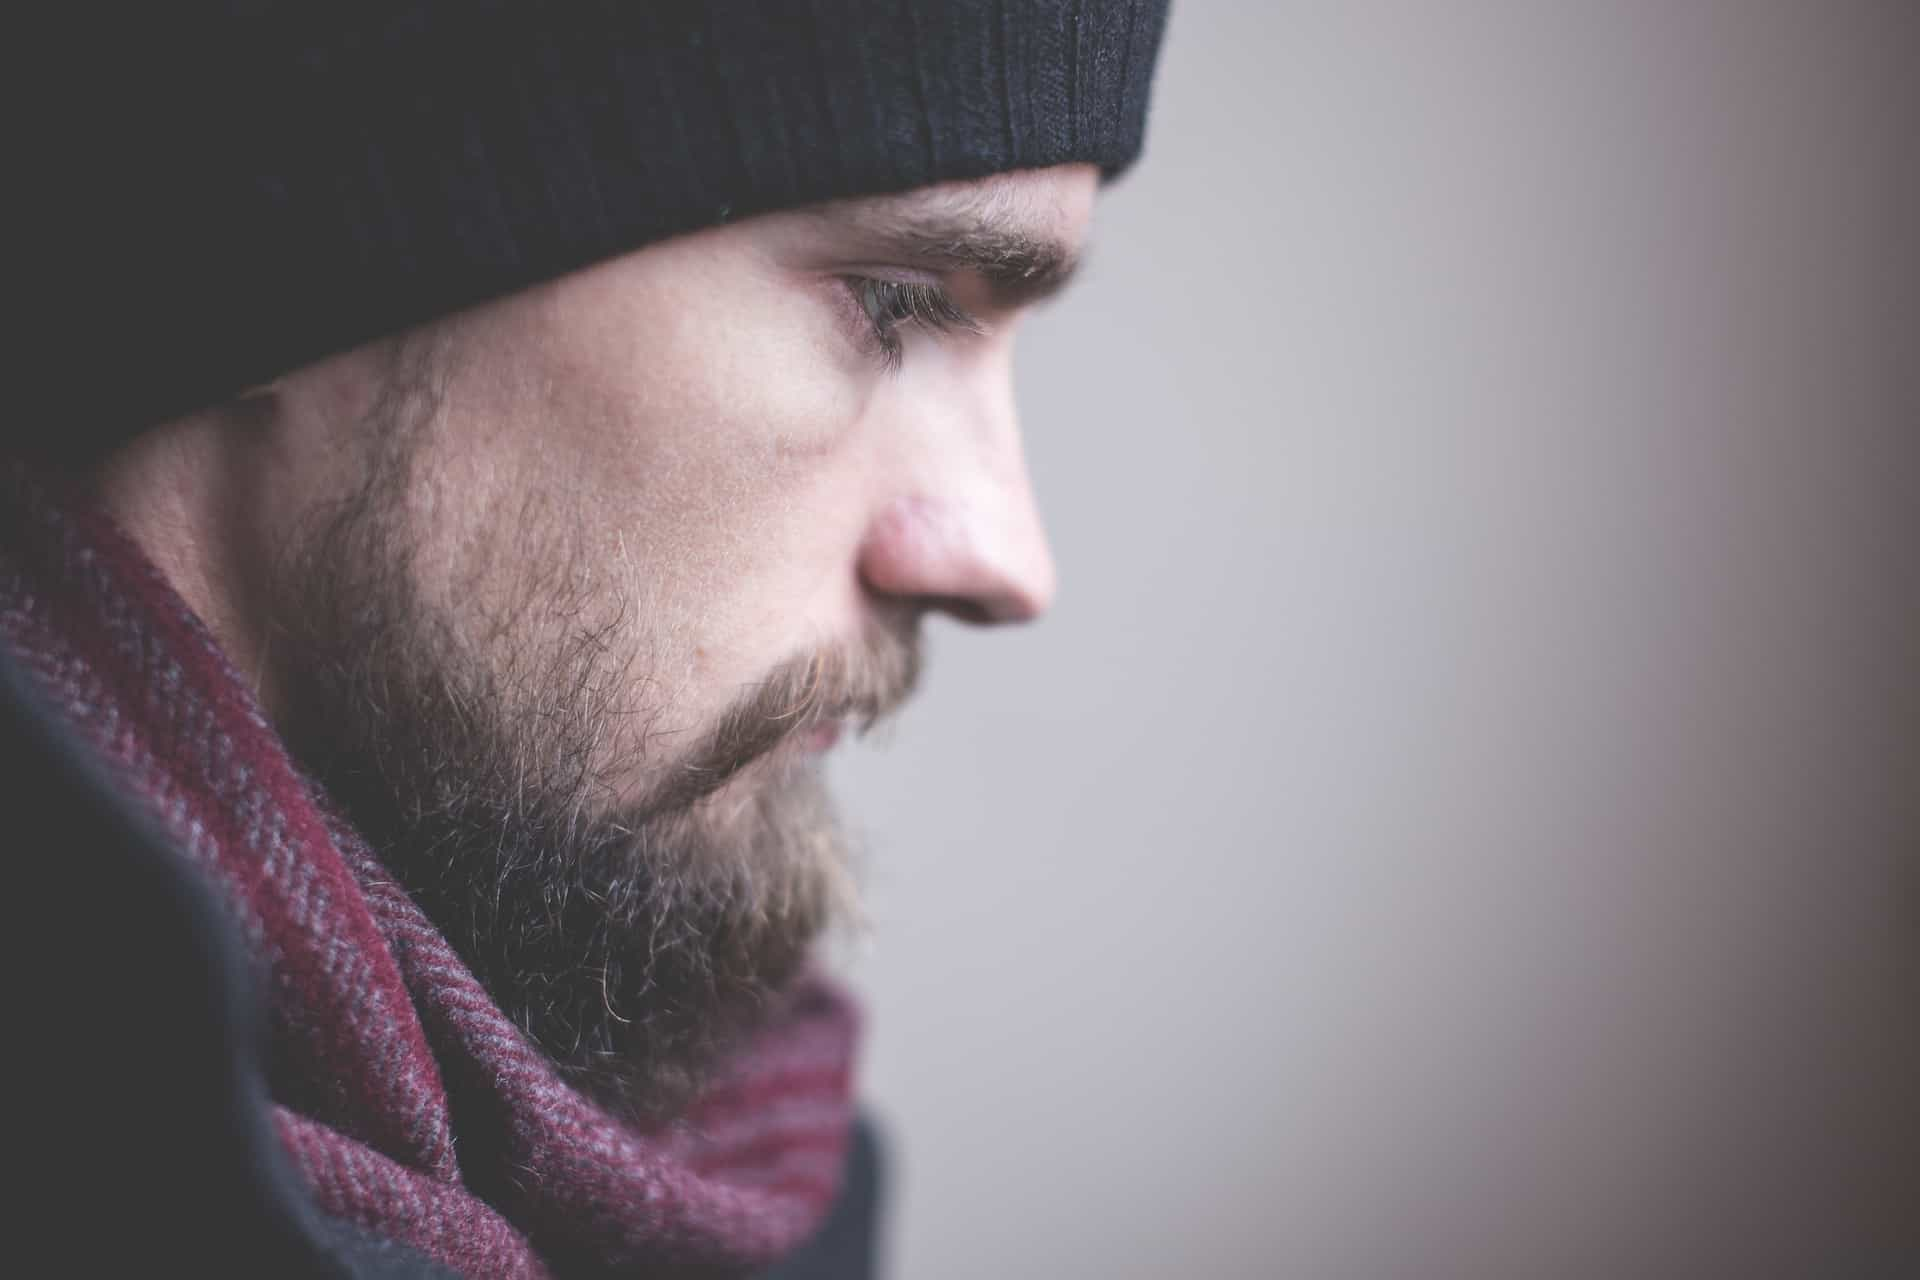 Kann die schlechte Libido Probleme in einer Beziehung verursachen?